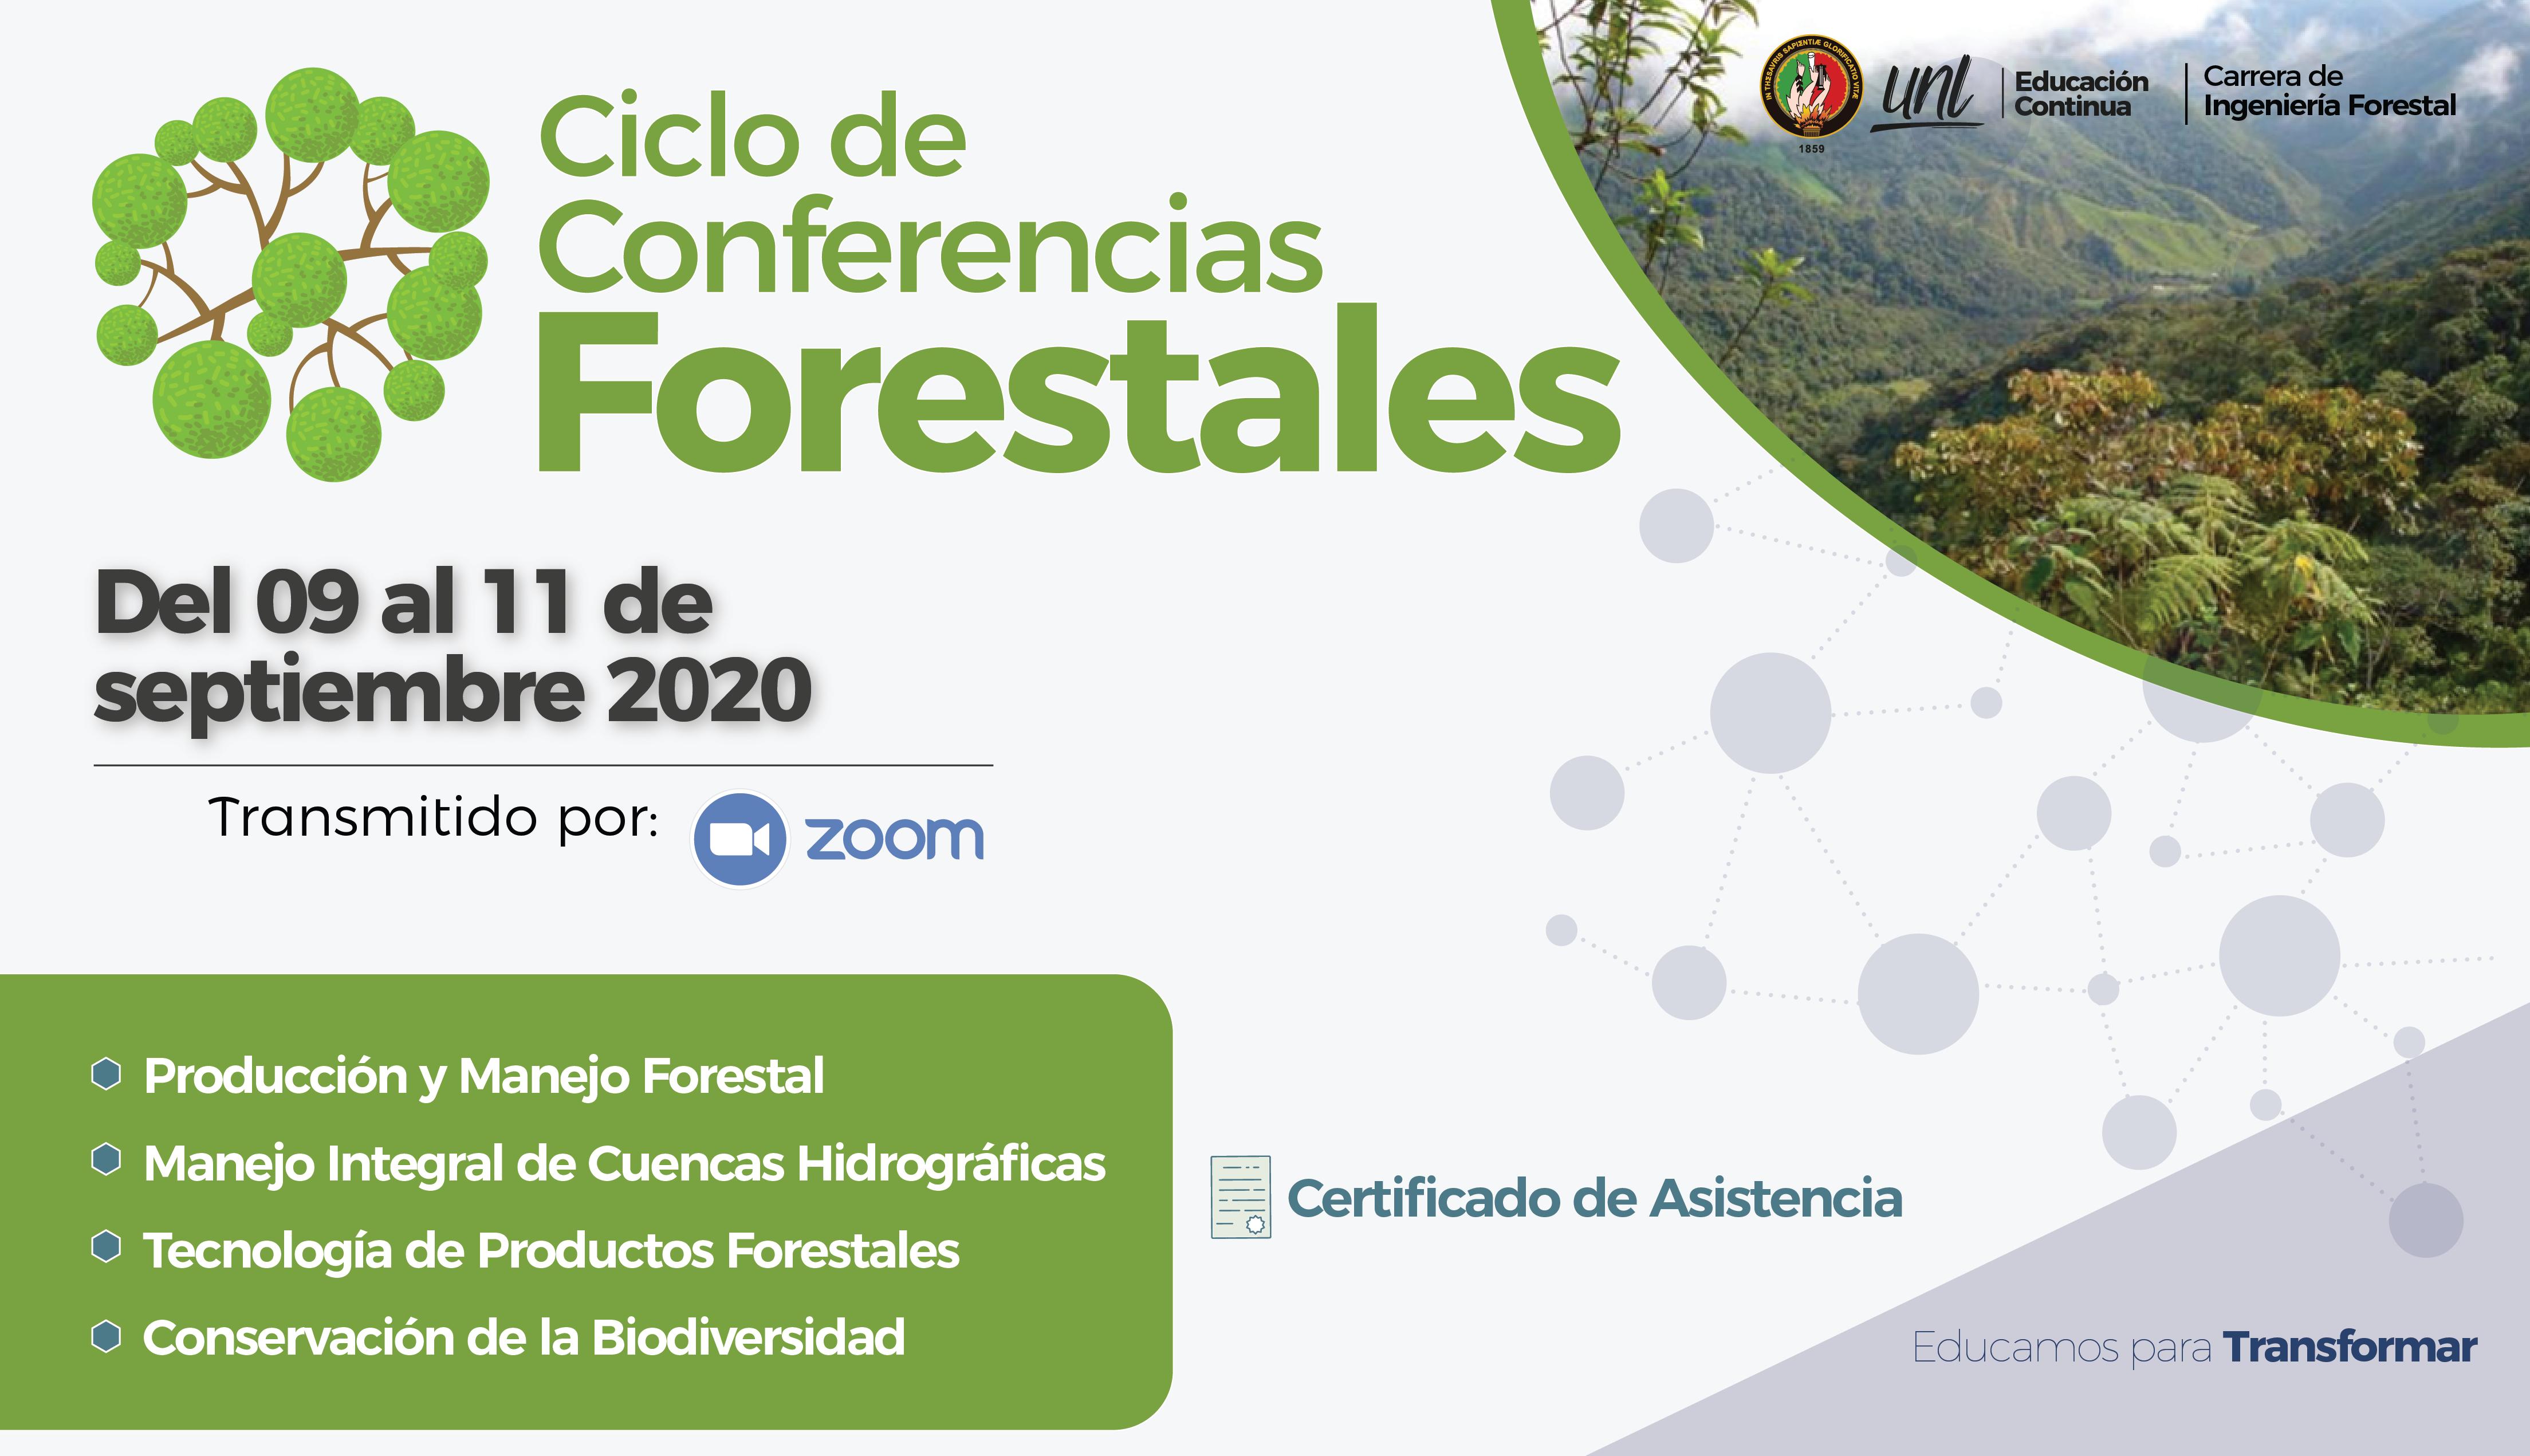 Ciclo de Conferencias Forestales